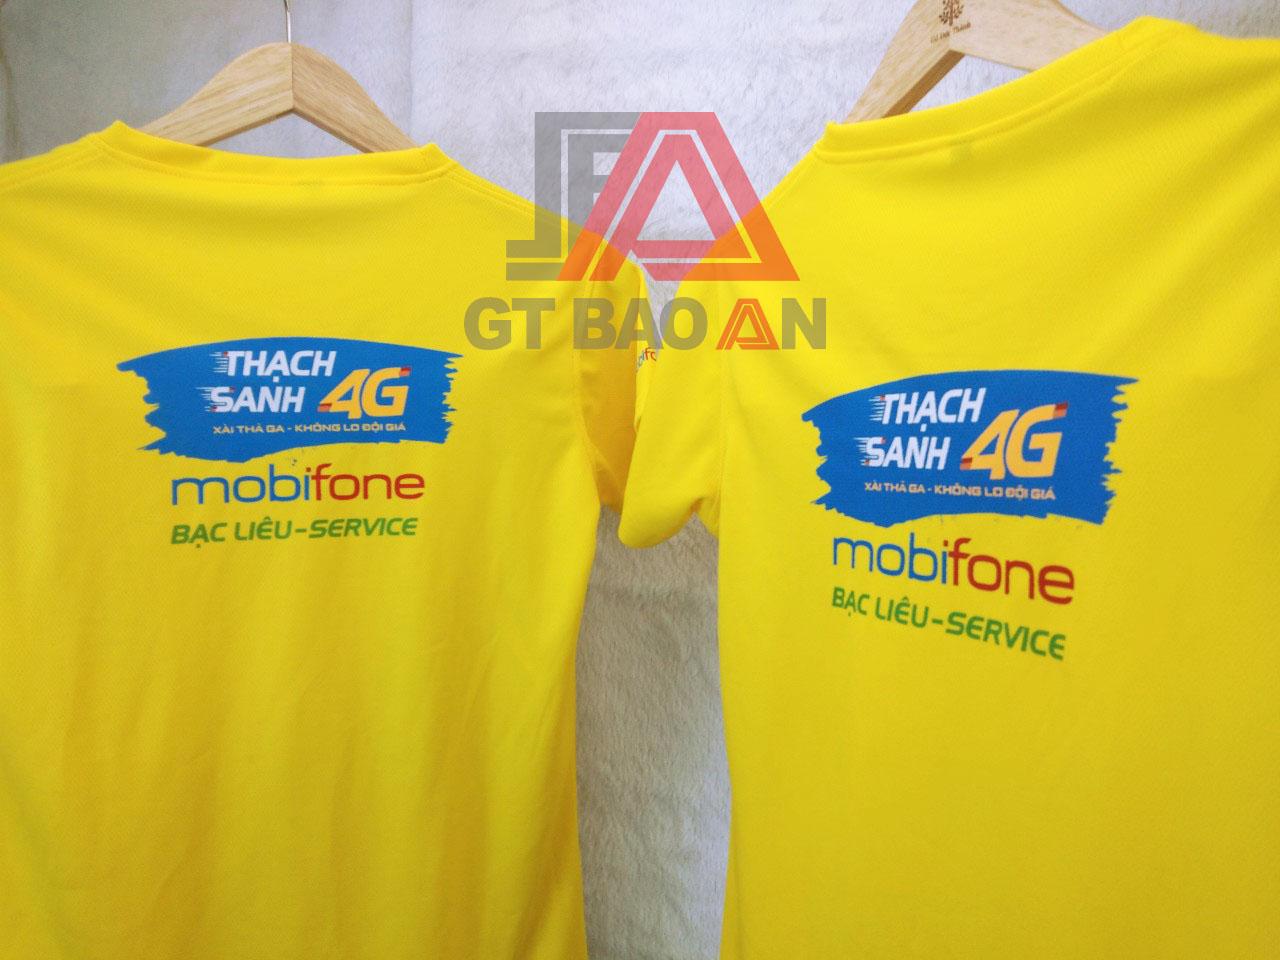 Áo thun nhân viên cửa hàng Mobifone Bạc LiêuÁo thun nhân viên cửa hàng Mobifone Bạc Liêu